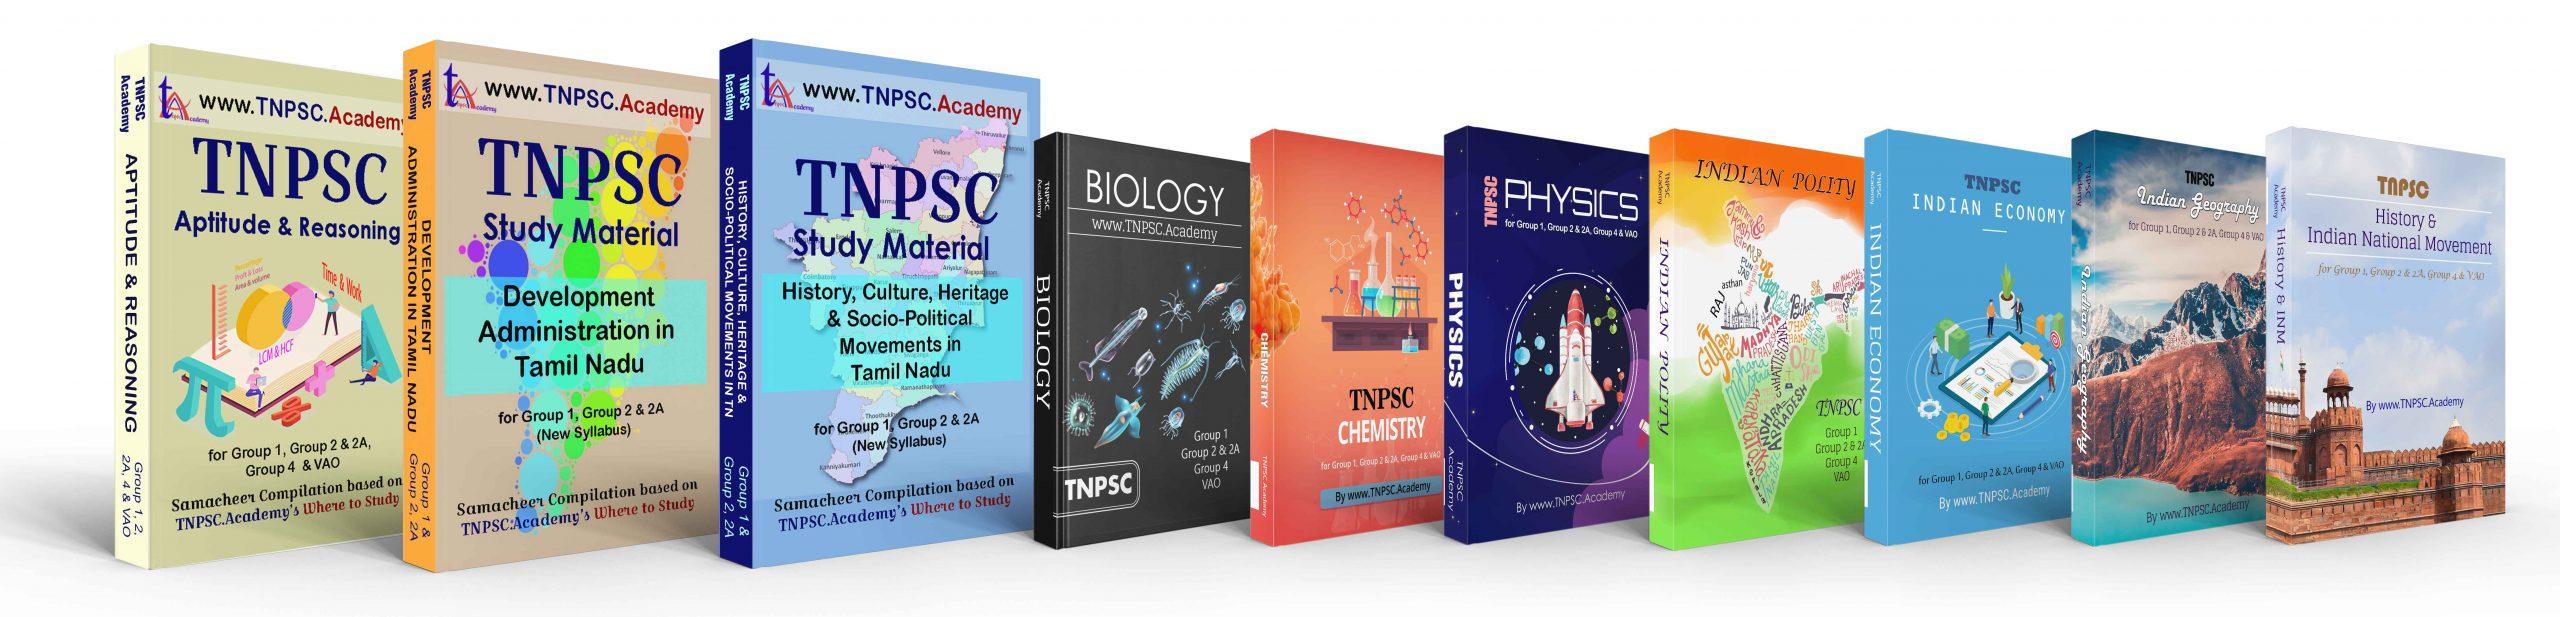 All TNPSC Books